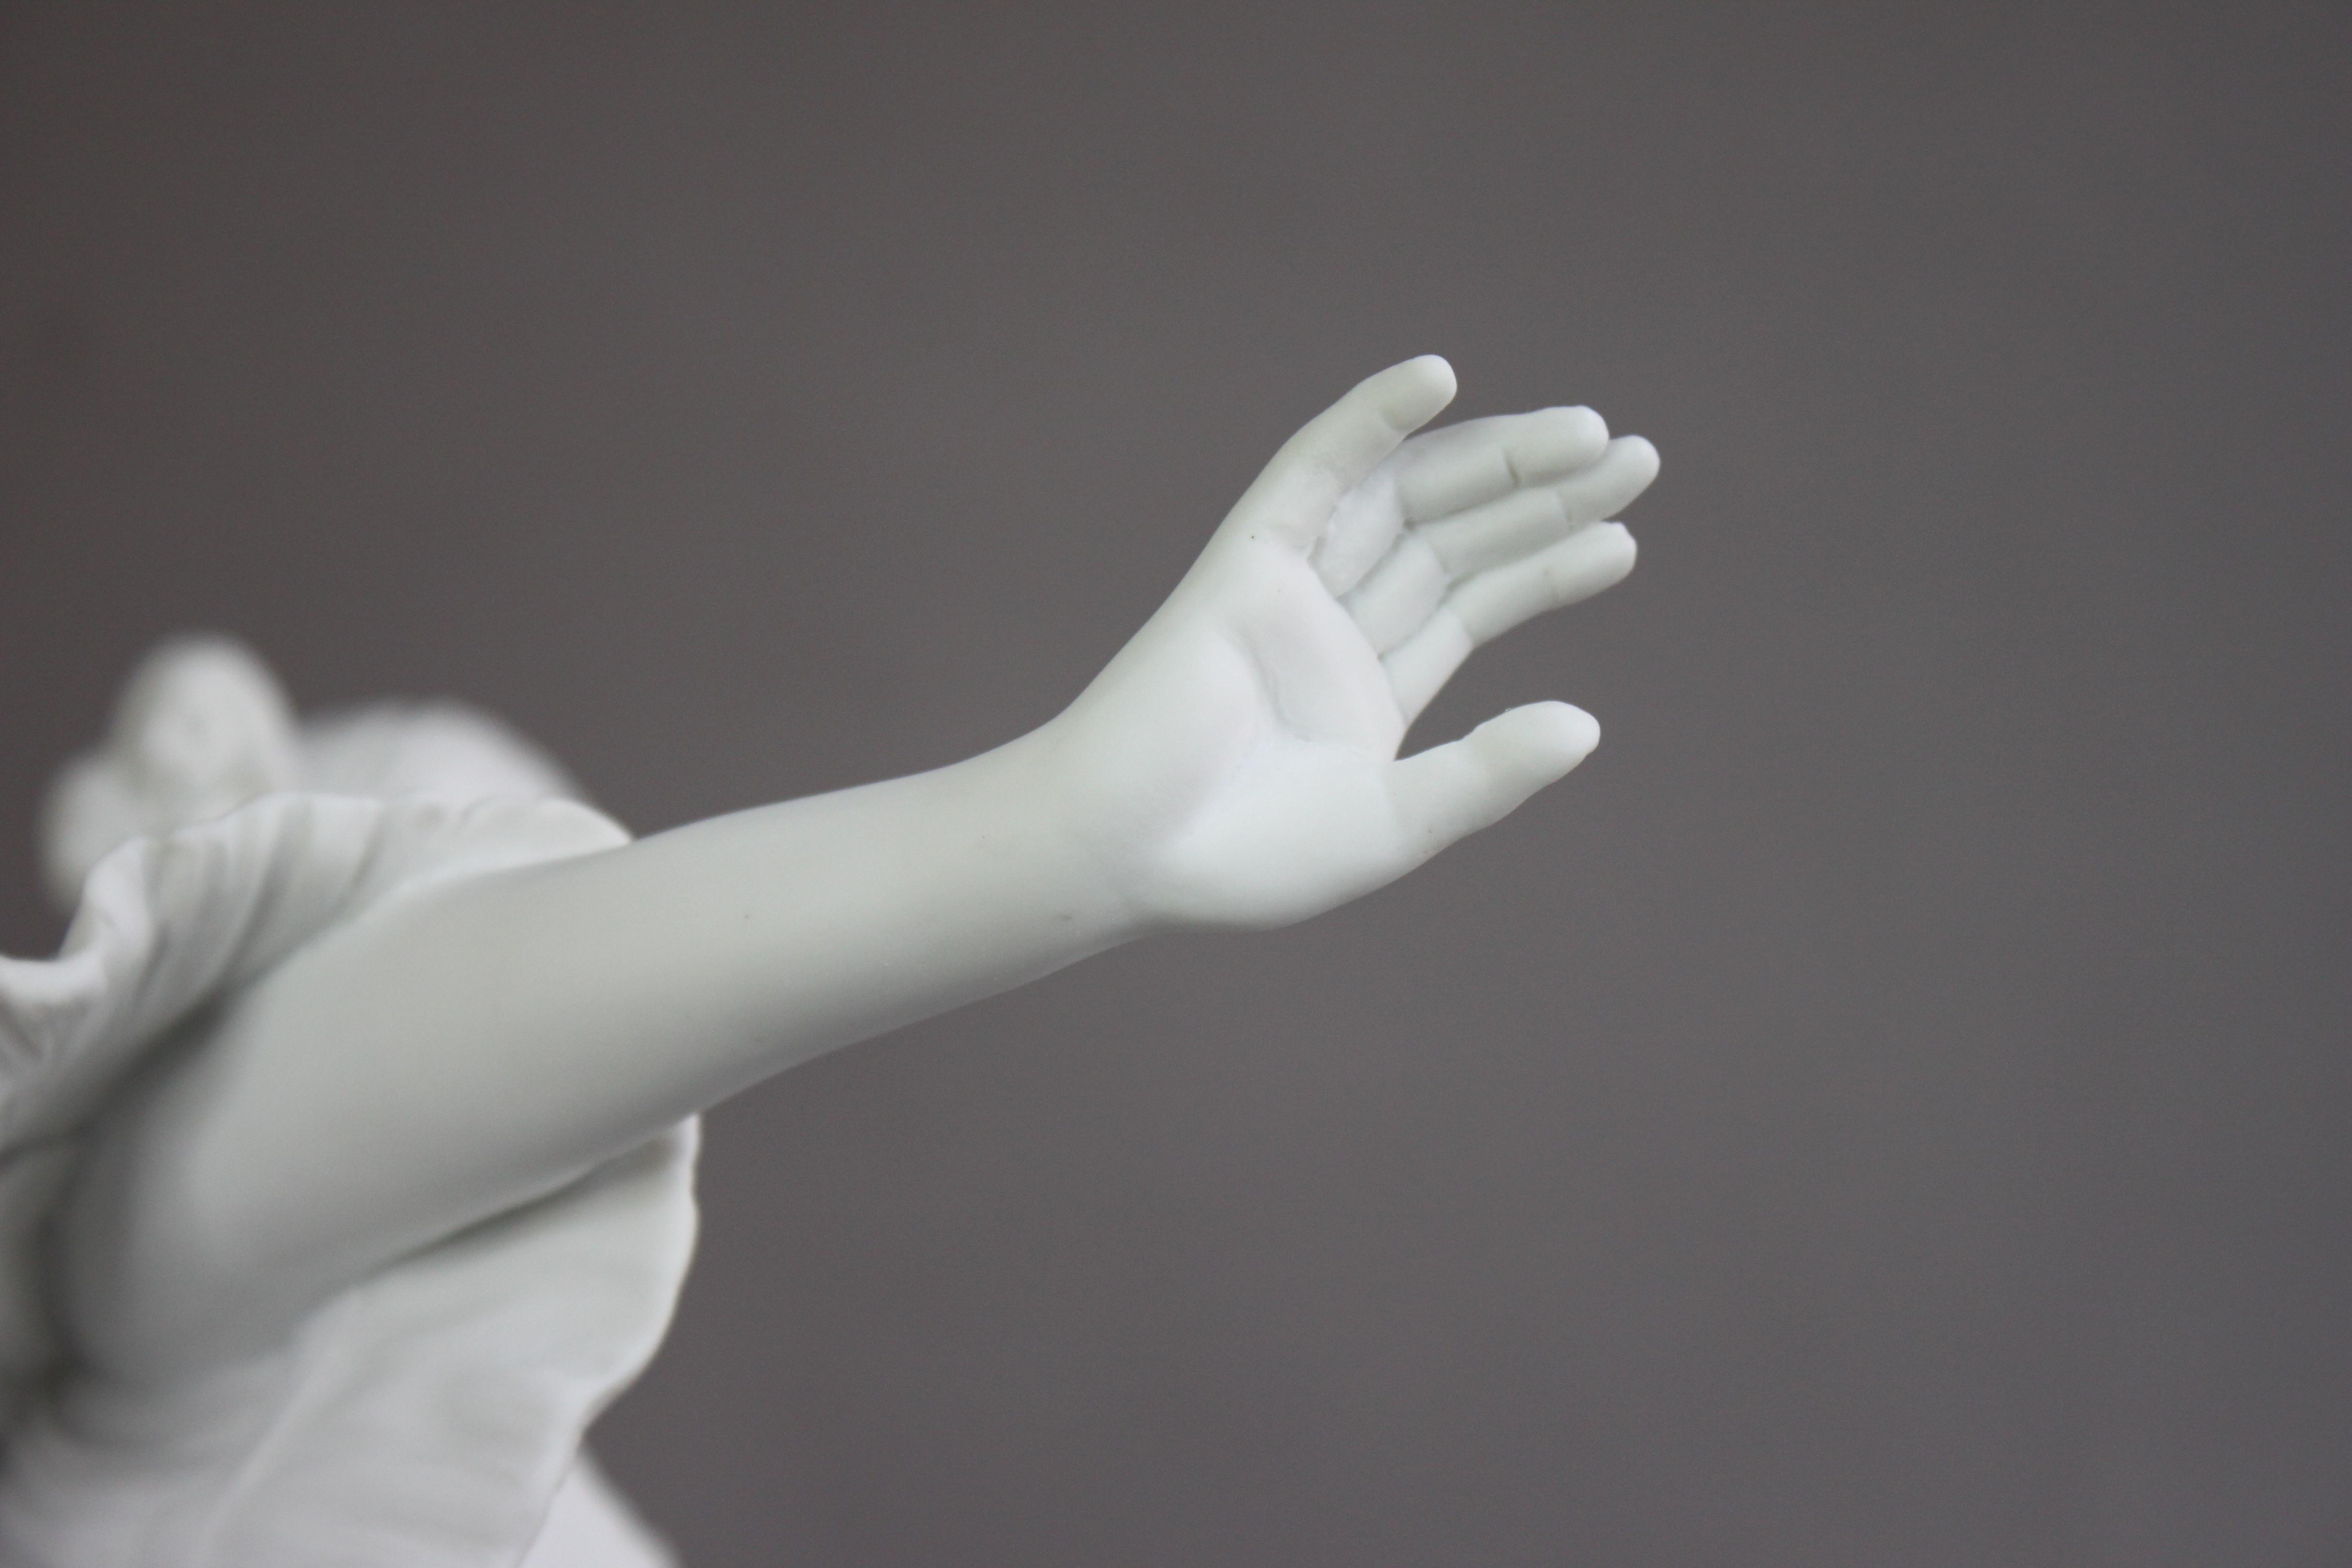 Restauration d'une sculpture en porcelaine de Sèvres - La Danseuse